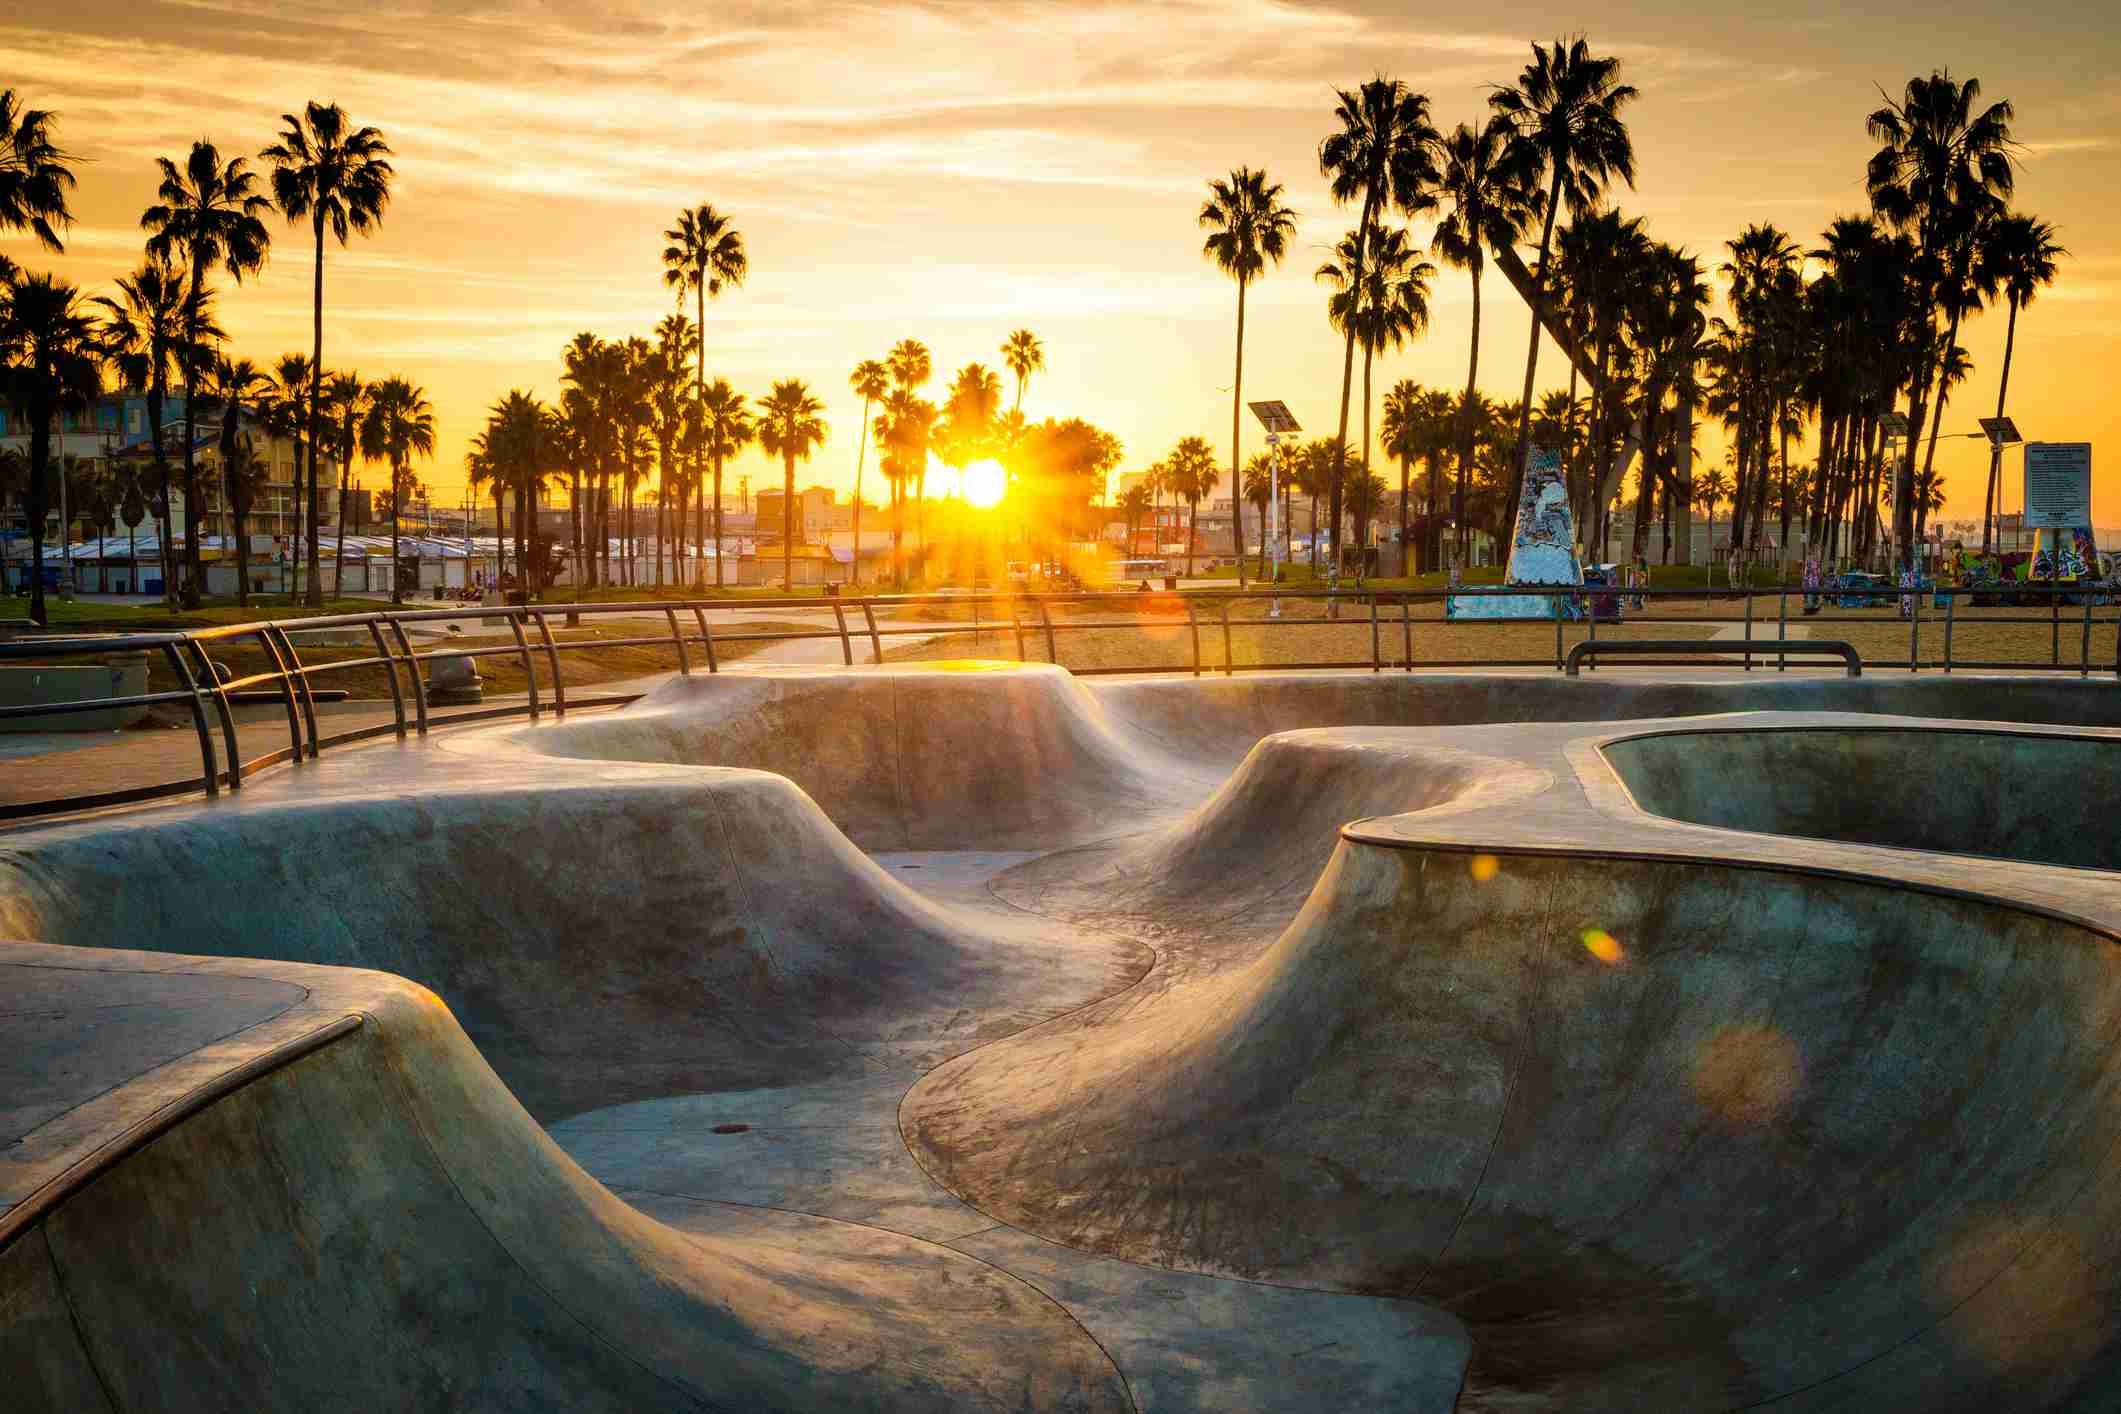 Venice Beach skate park, Los Angeles, CA.